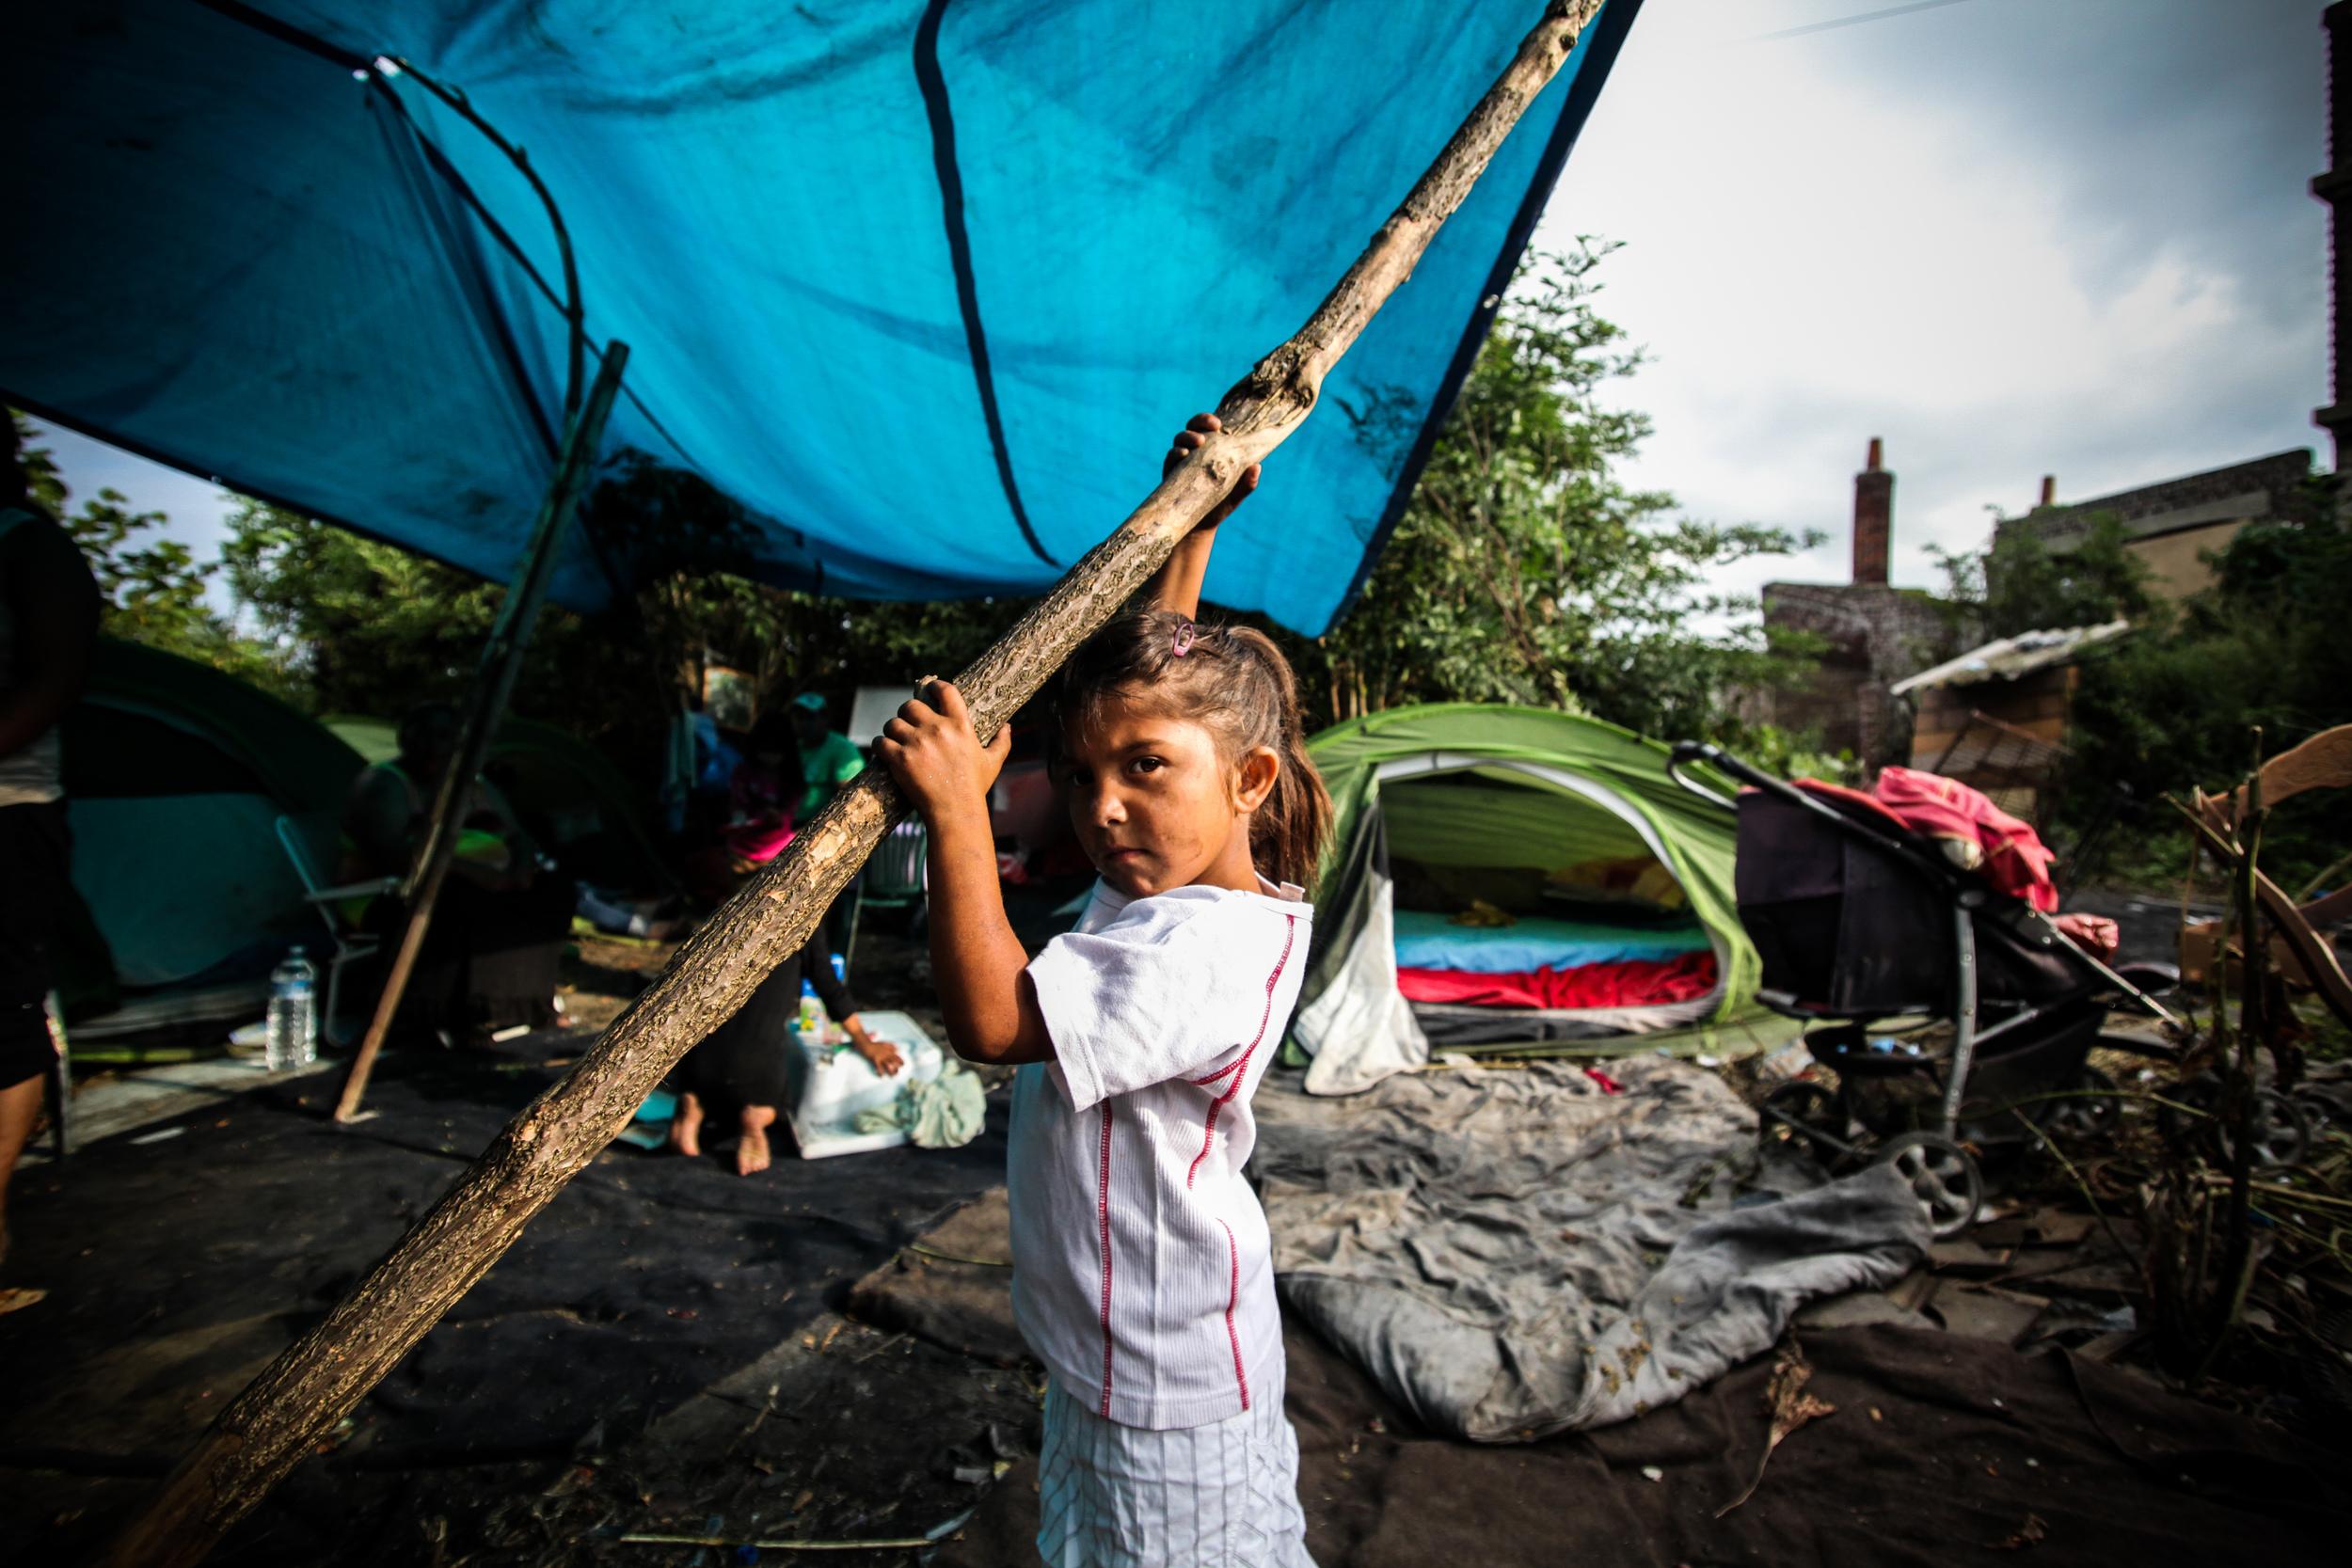 9 août 2012. Les premières expulsions de campements roms sont ordonnées par le ministère de l'intérieur. Le 21 aout, les campements roms de la métropole lilloise témoignent toujours de l'absence de solution de relogement.